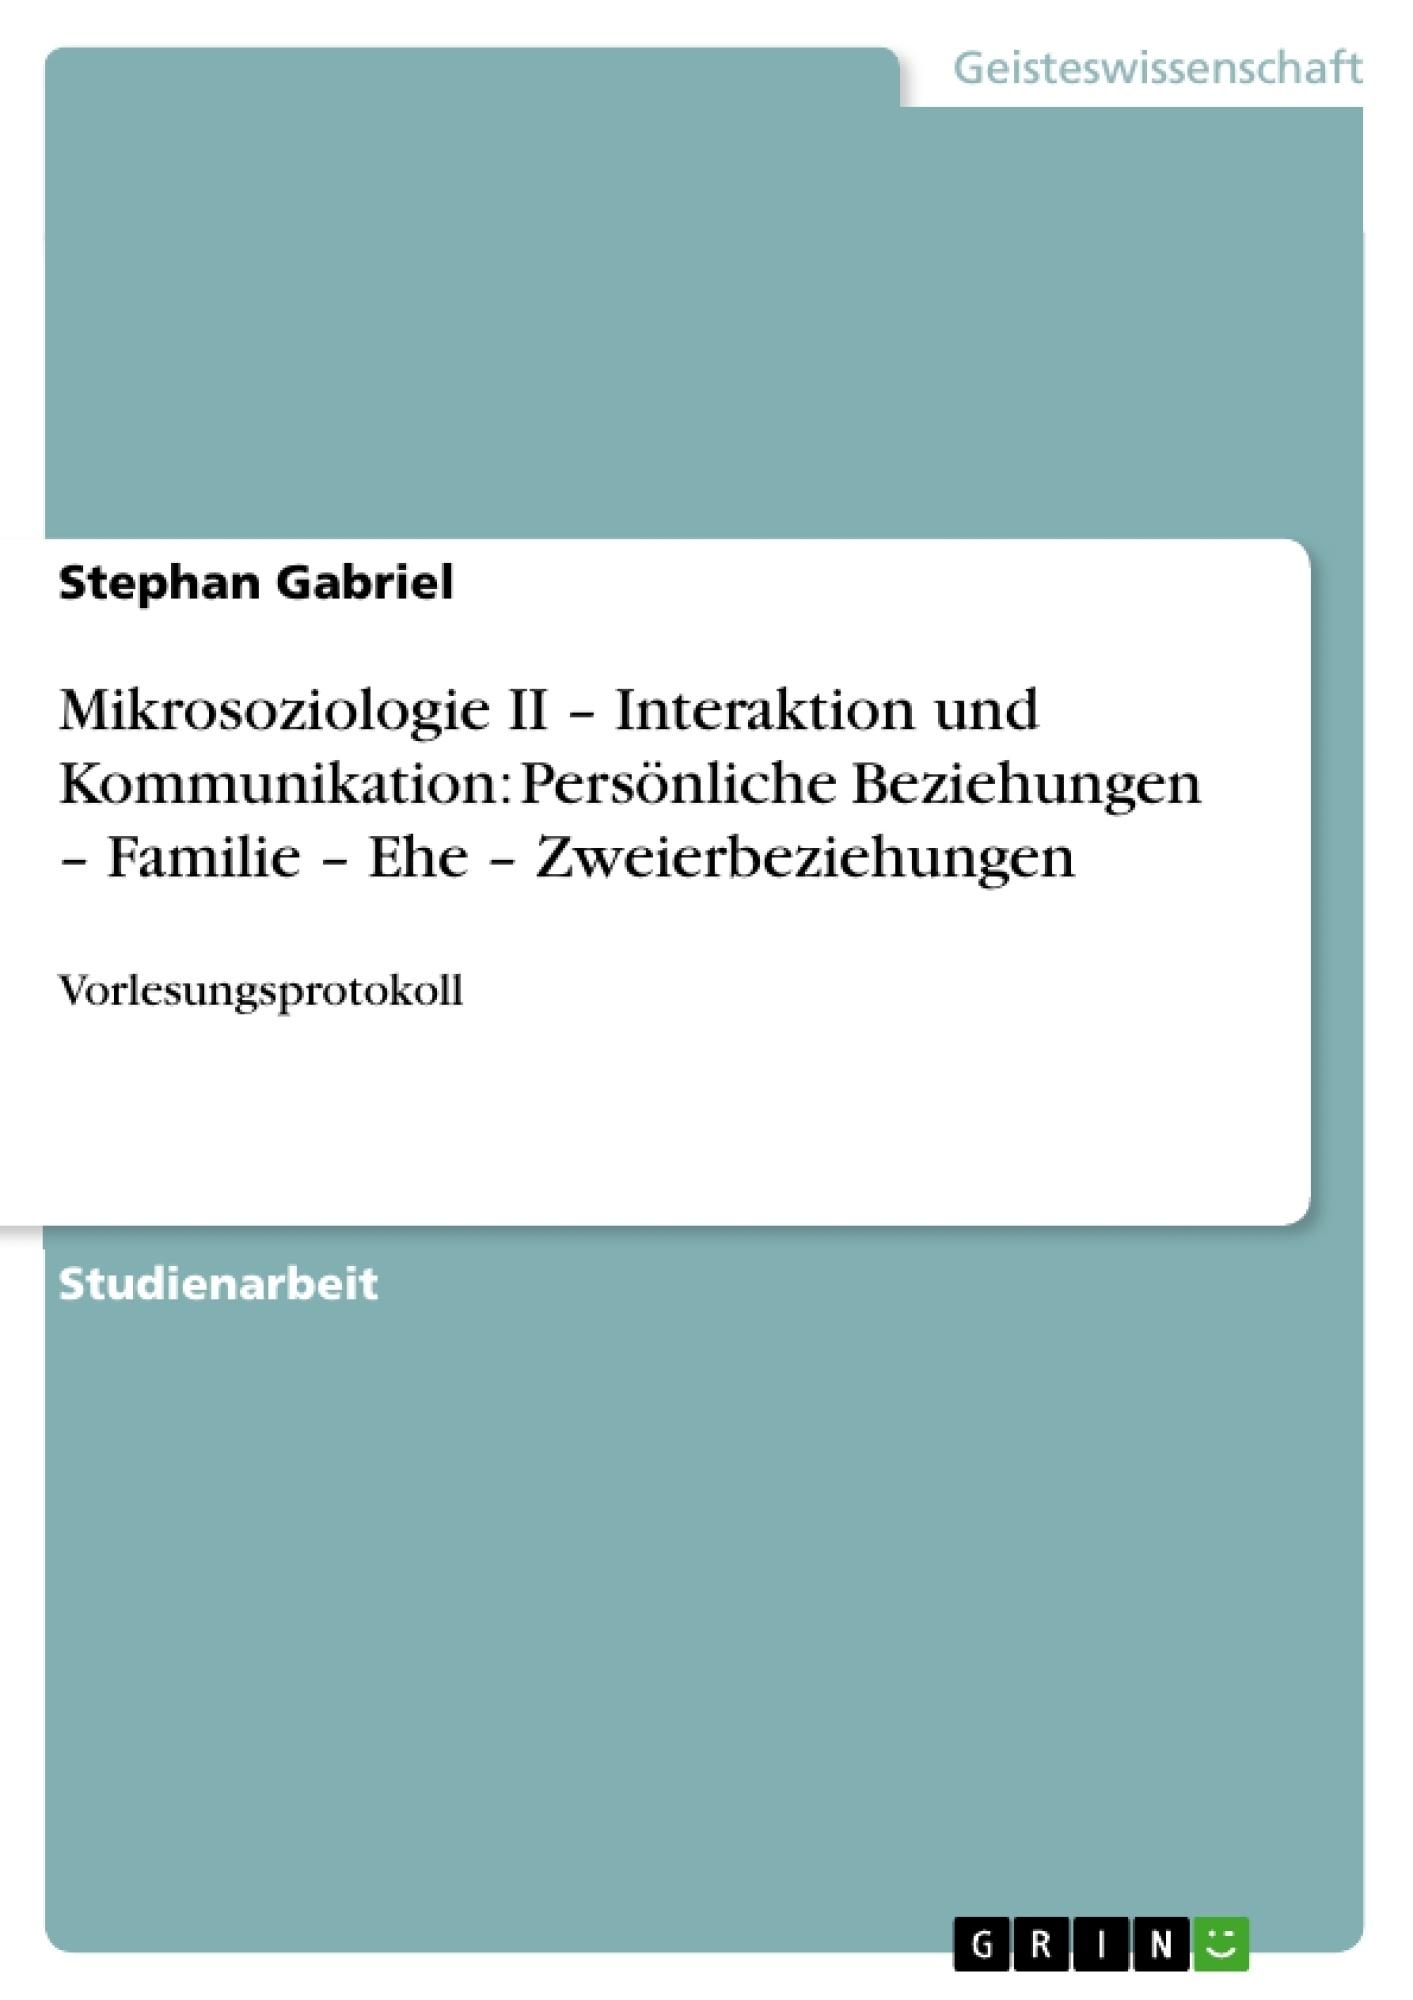 Titel: Mikrosoziologie II – Interaktion und Kommunikation: Persönliche Beziehungen – Familie – Ehe – Zweierbeziehungen